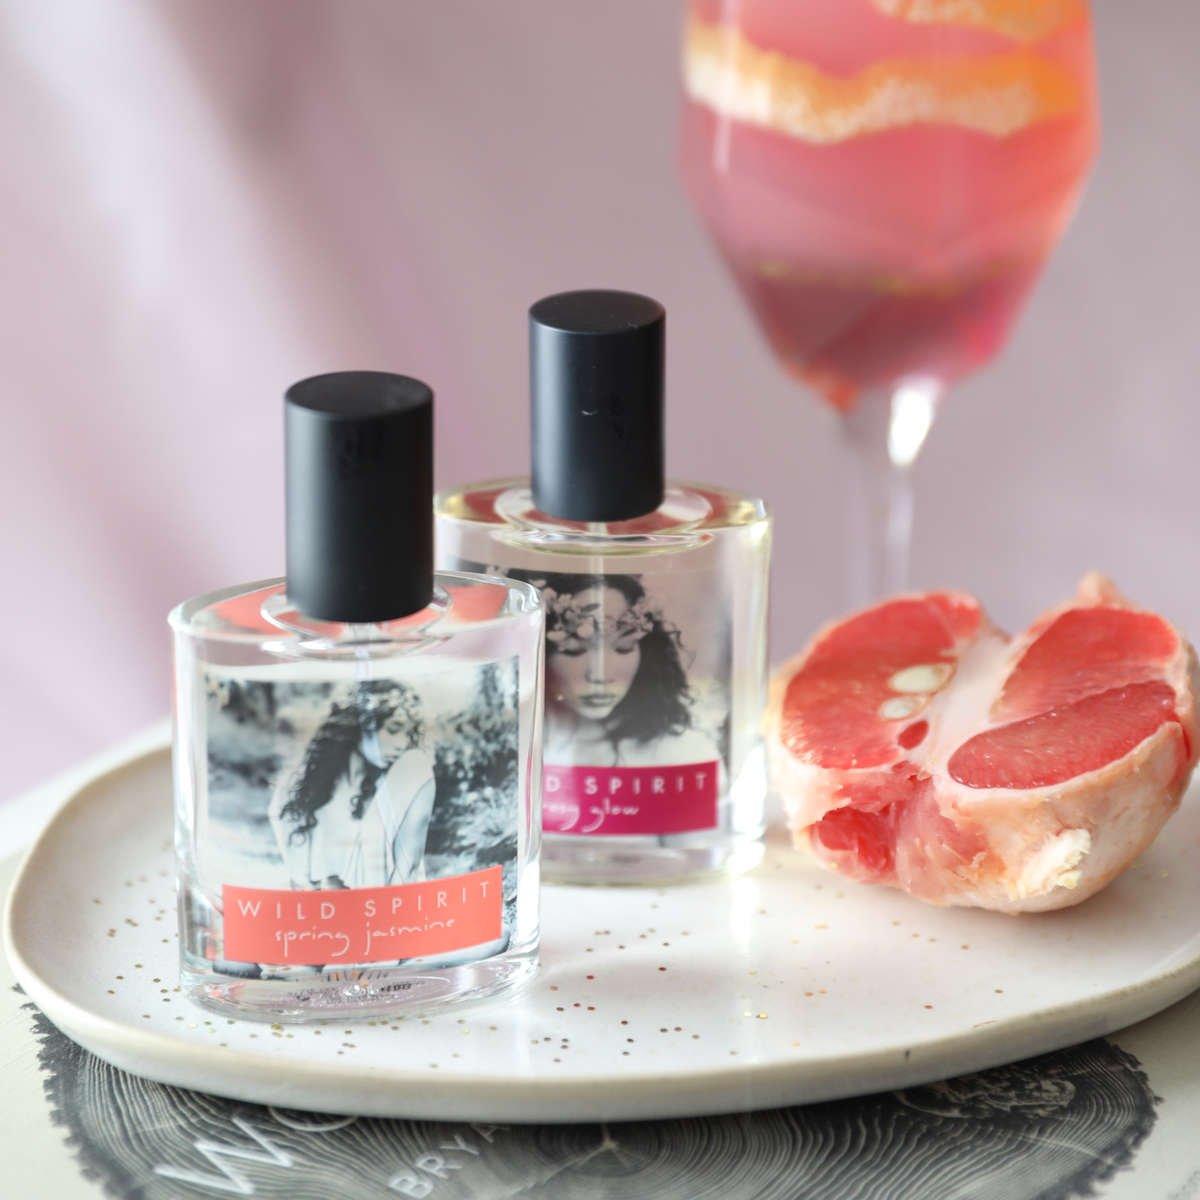 Wild Spirit Fragrance Mocktail: Pretty in Pink